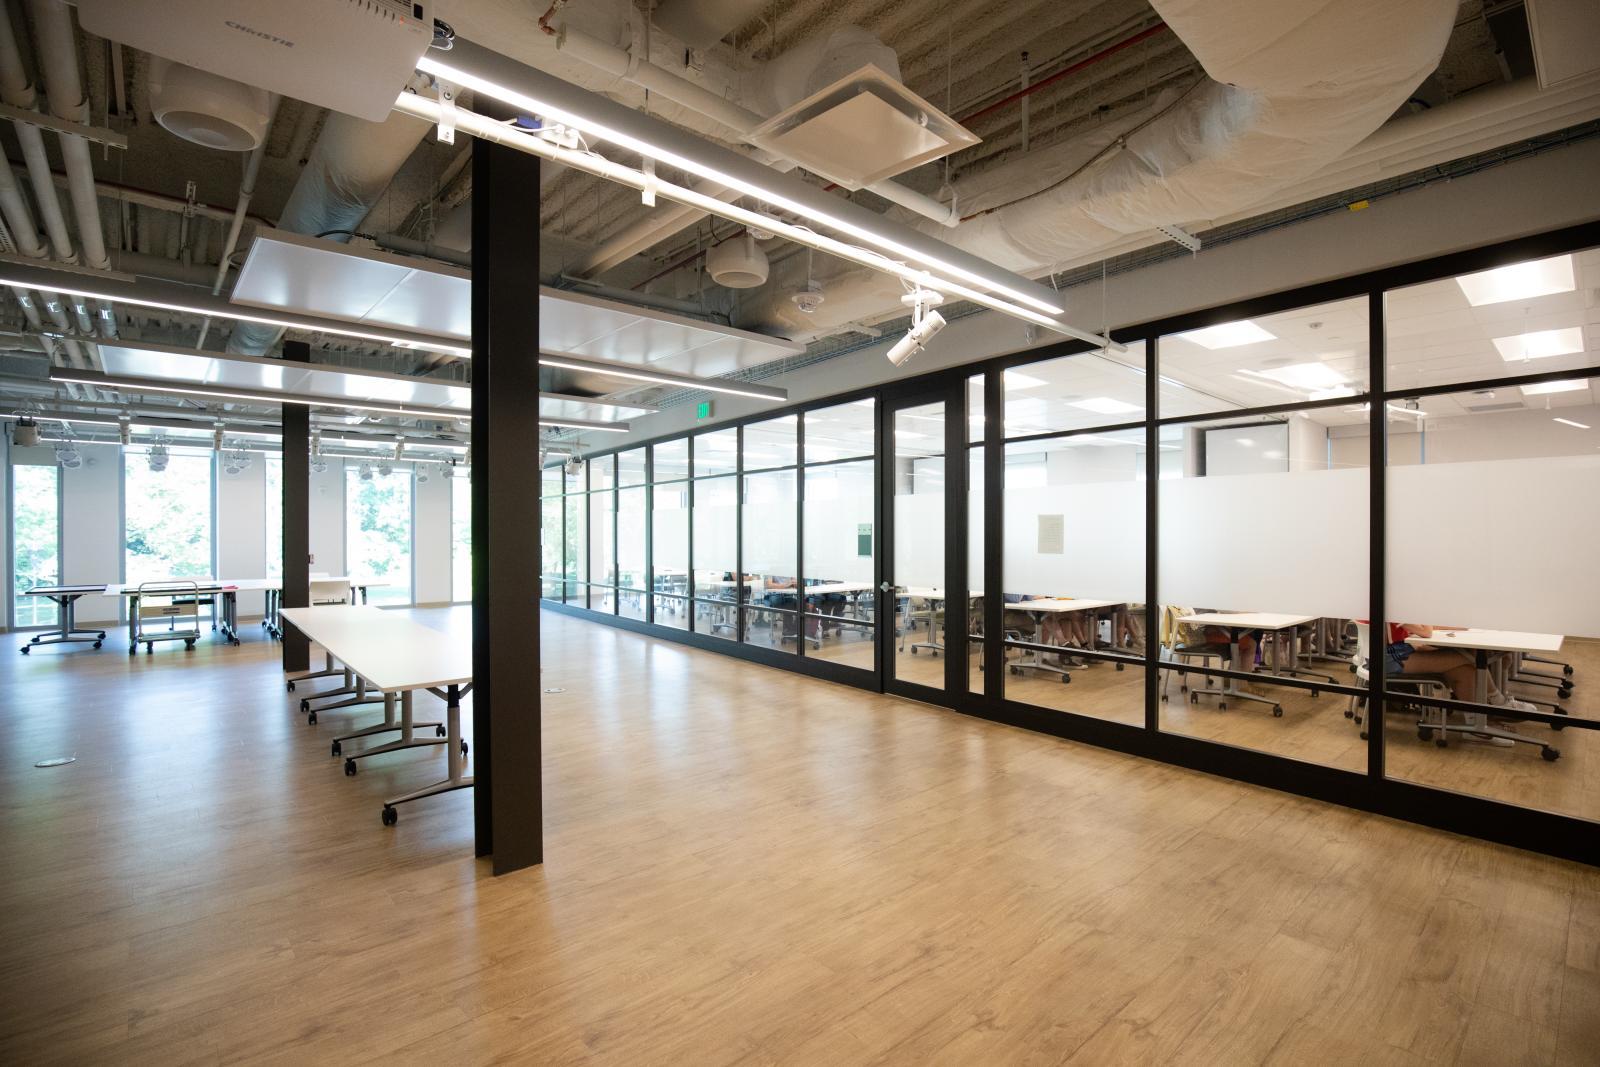 Empty classroom in StudiOC.